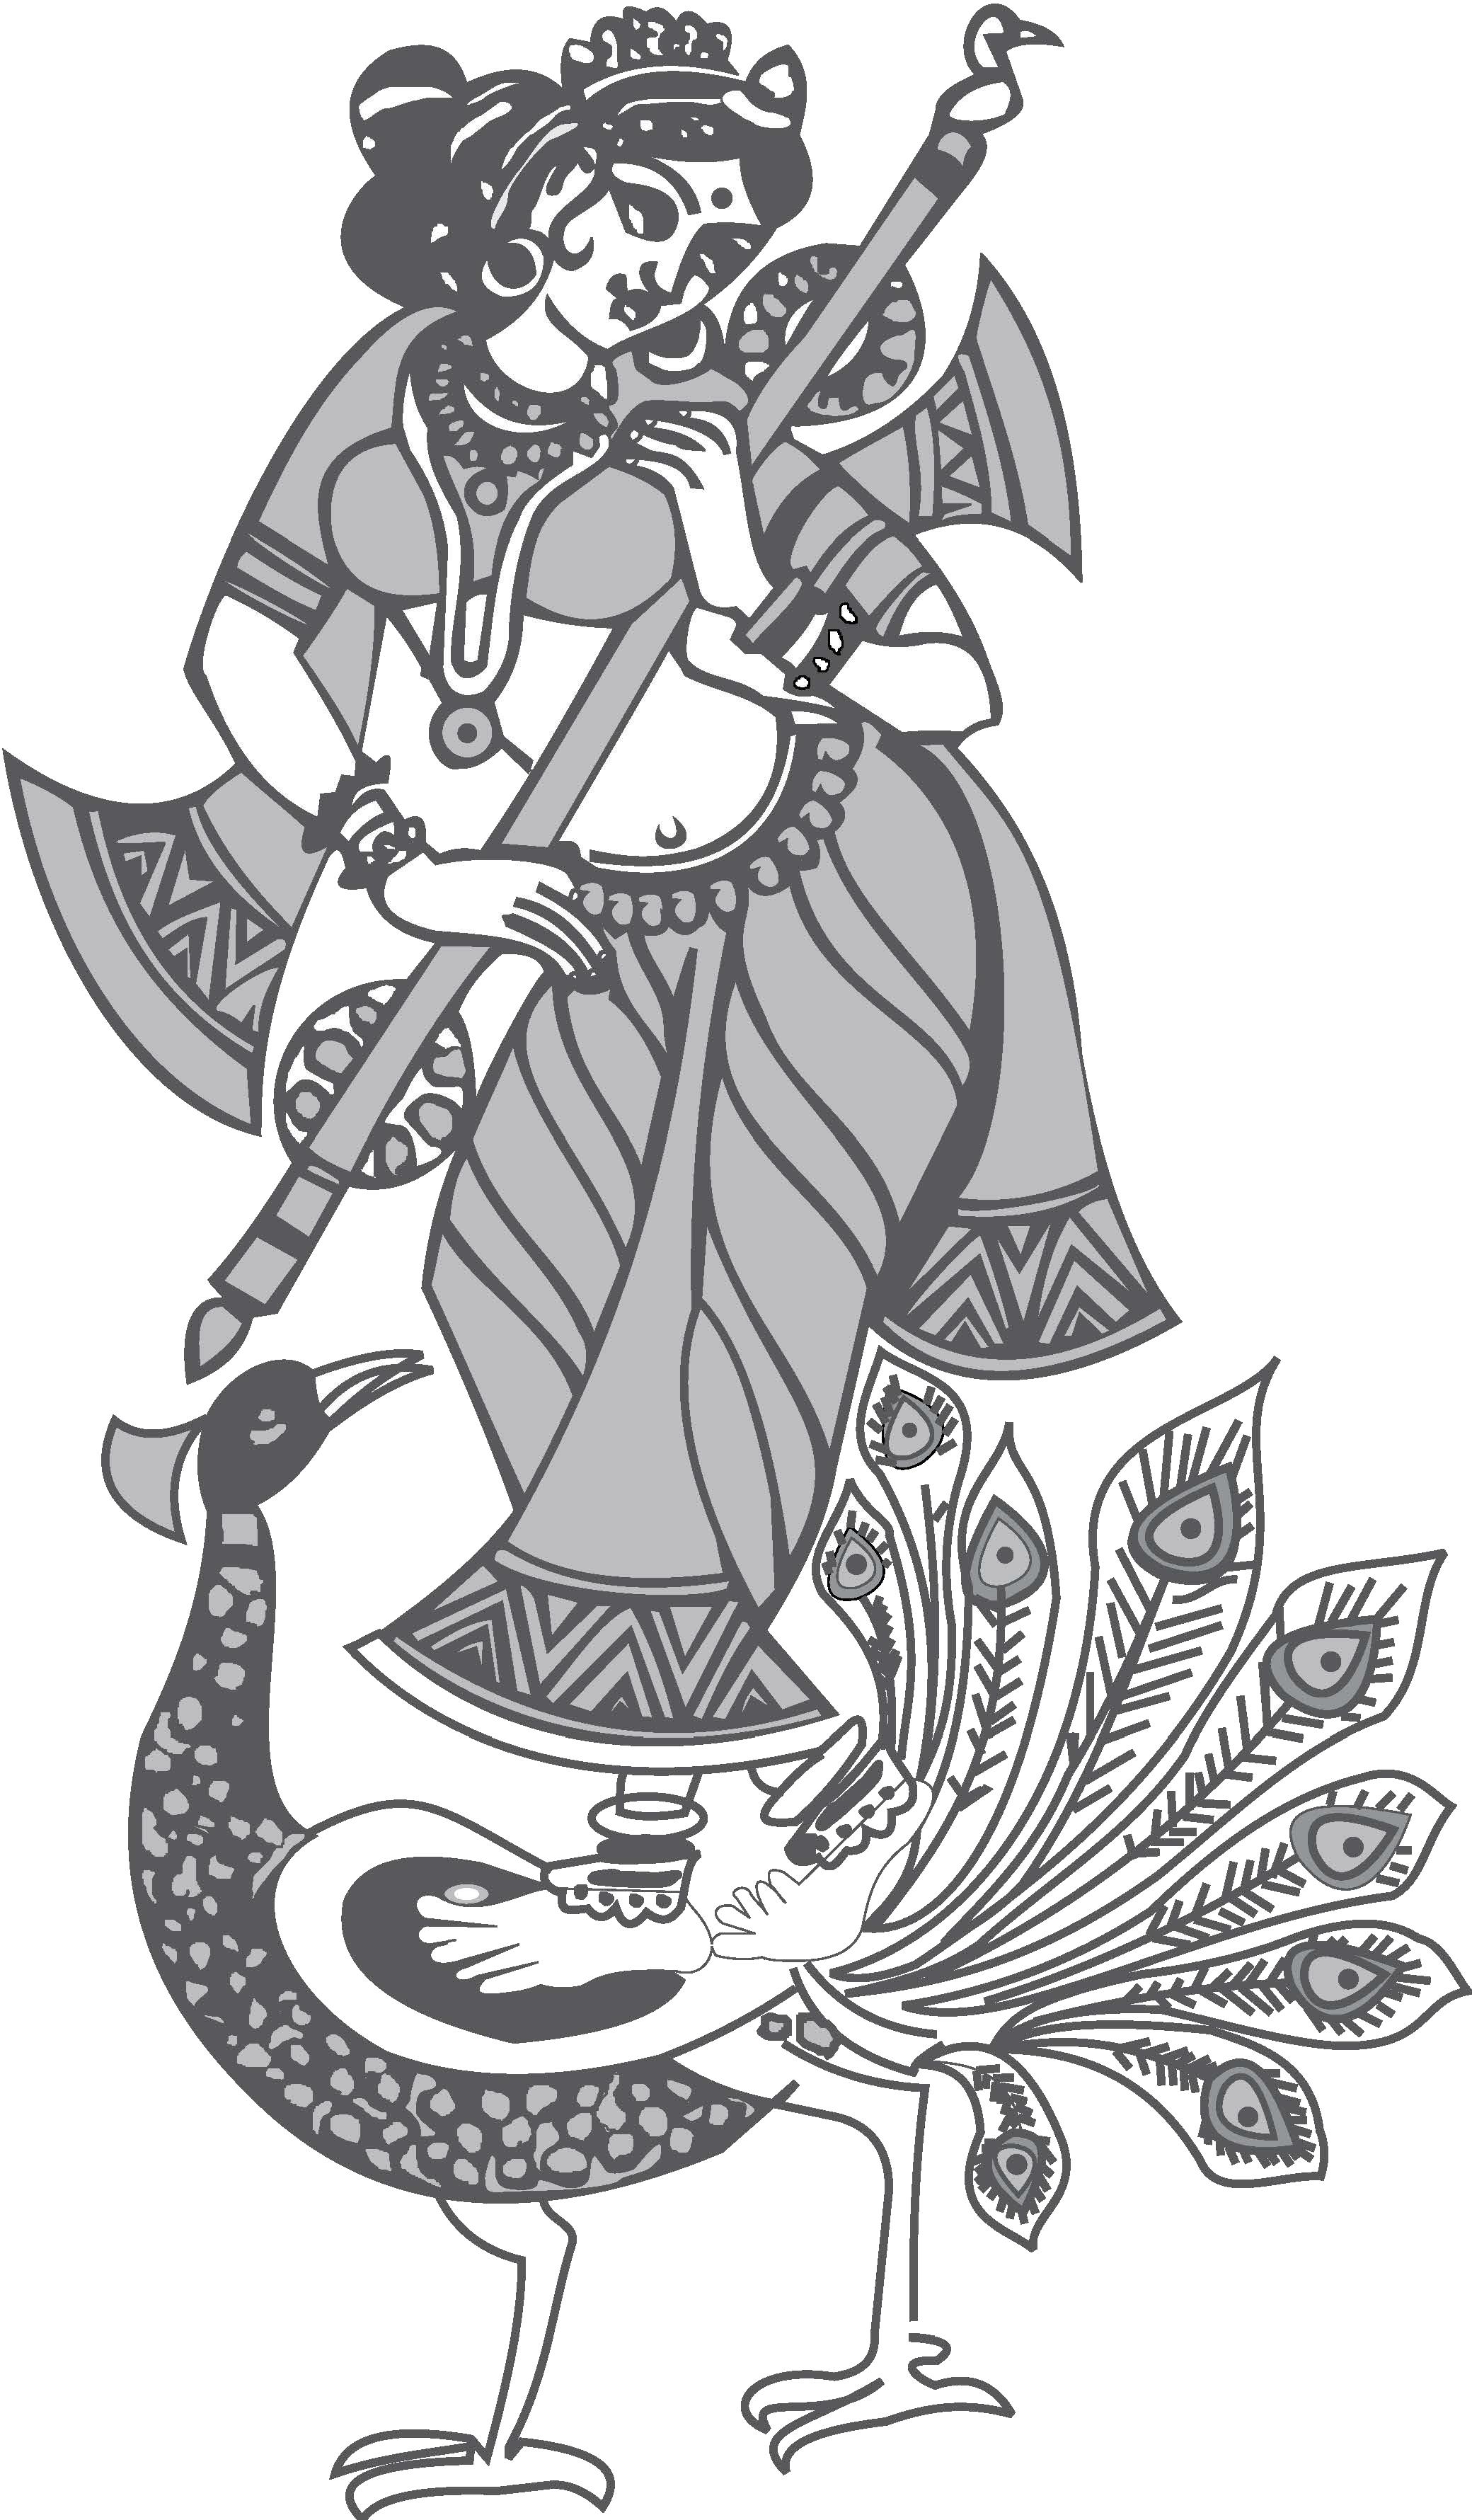 Saraswati image.png